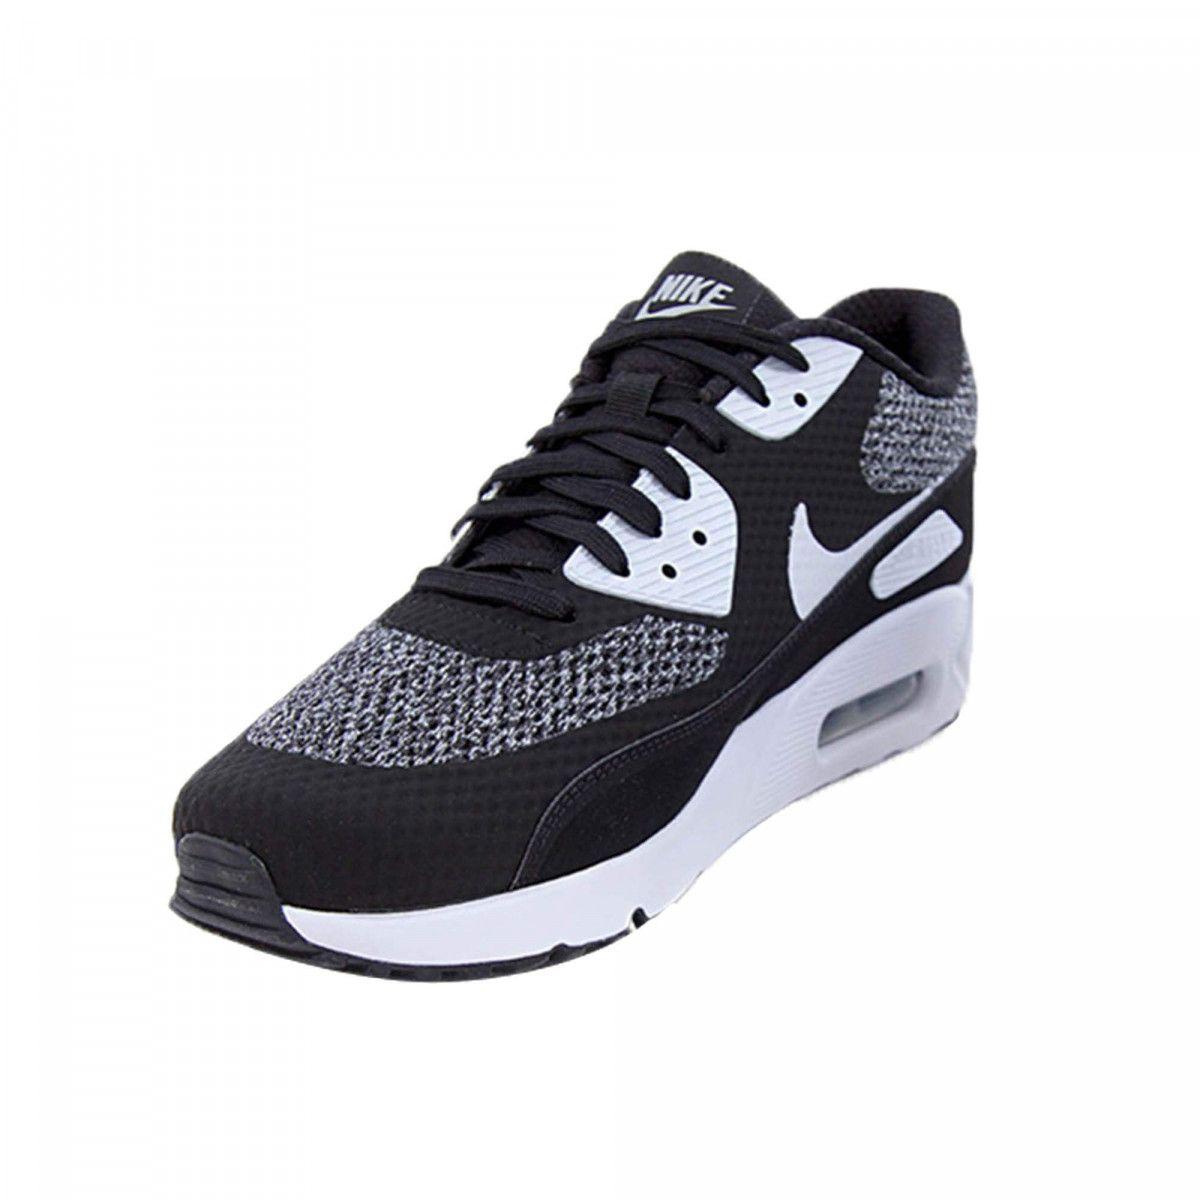 Achetez Nike Air Max 90 Ultra 2.0 Essential 875695 019